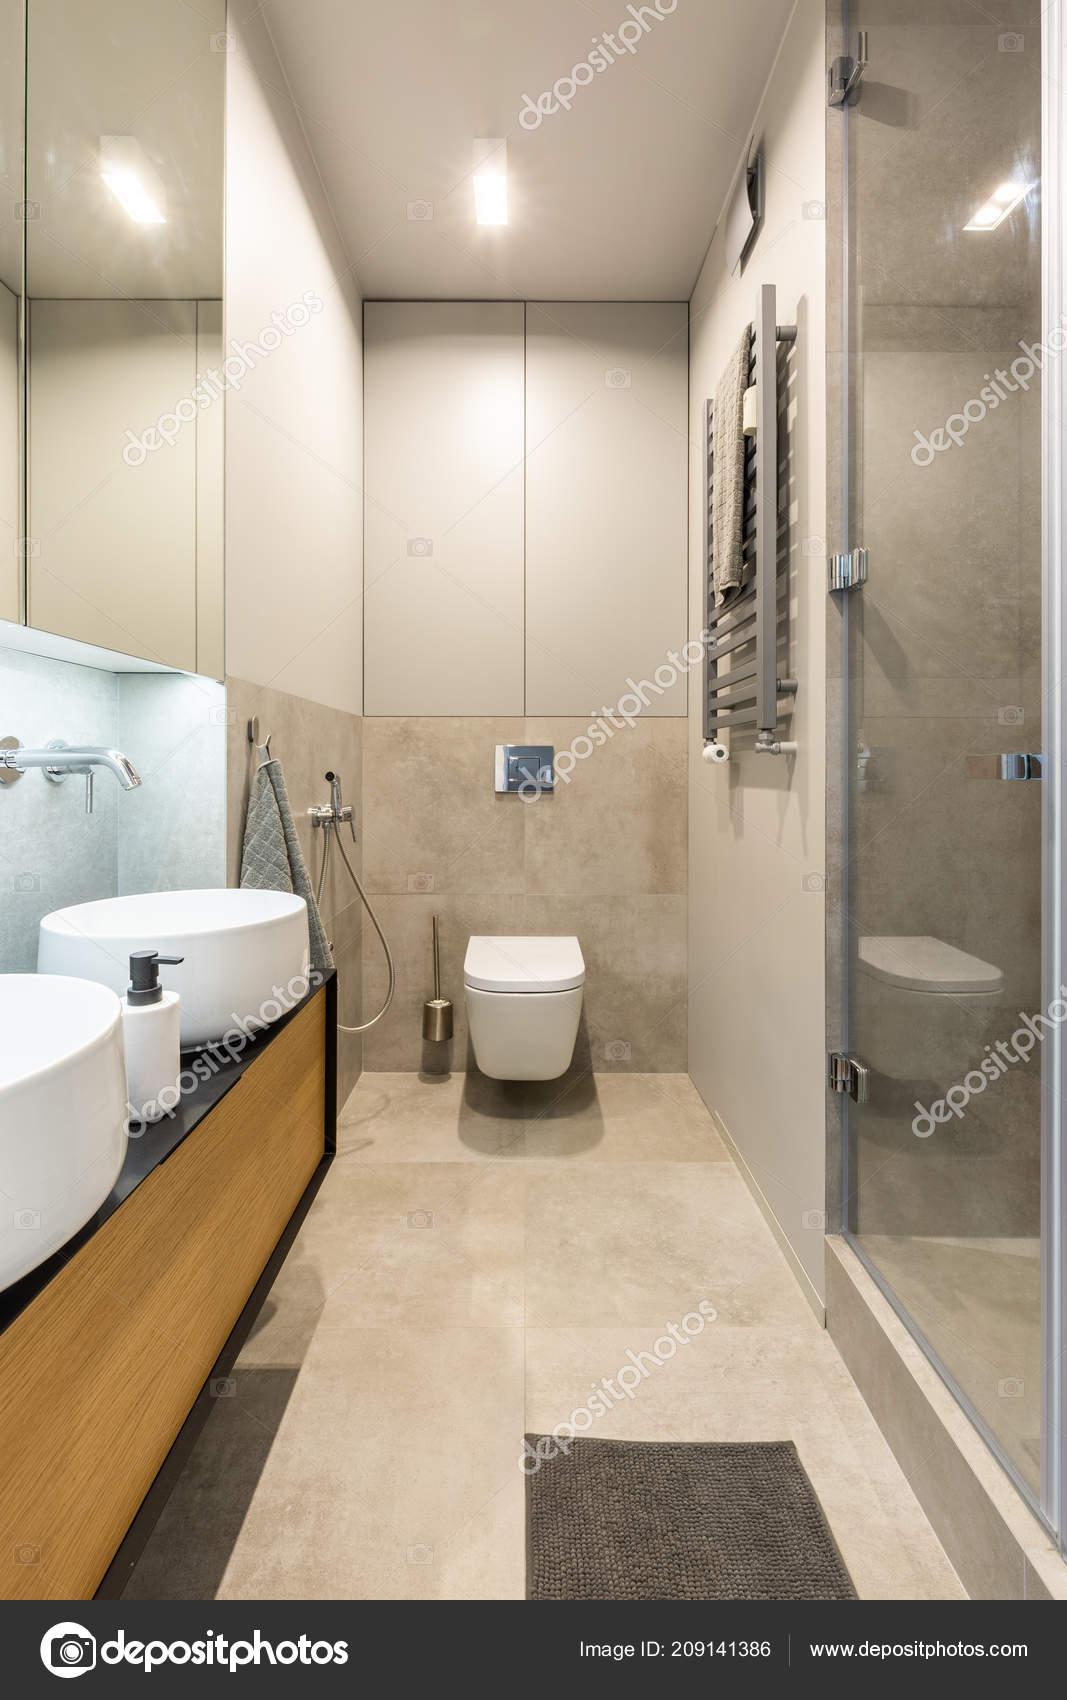 Toilette Blanche Sous Une Lumière Intérieur Salle Bains Moderne Beige U2014  Photo